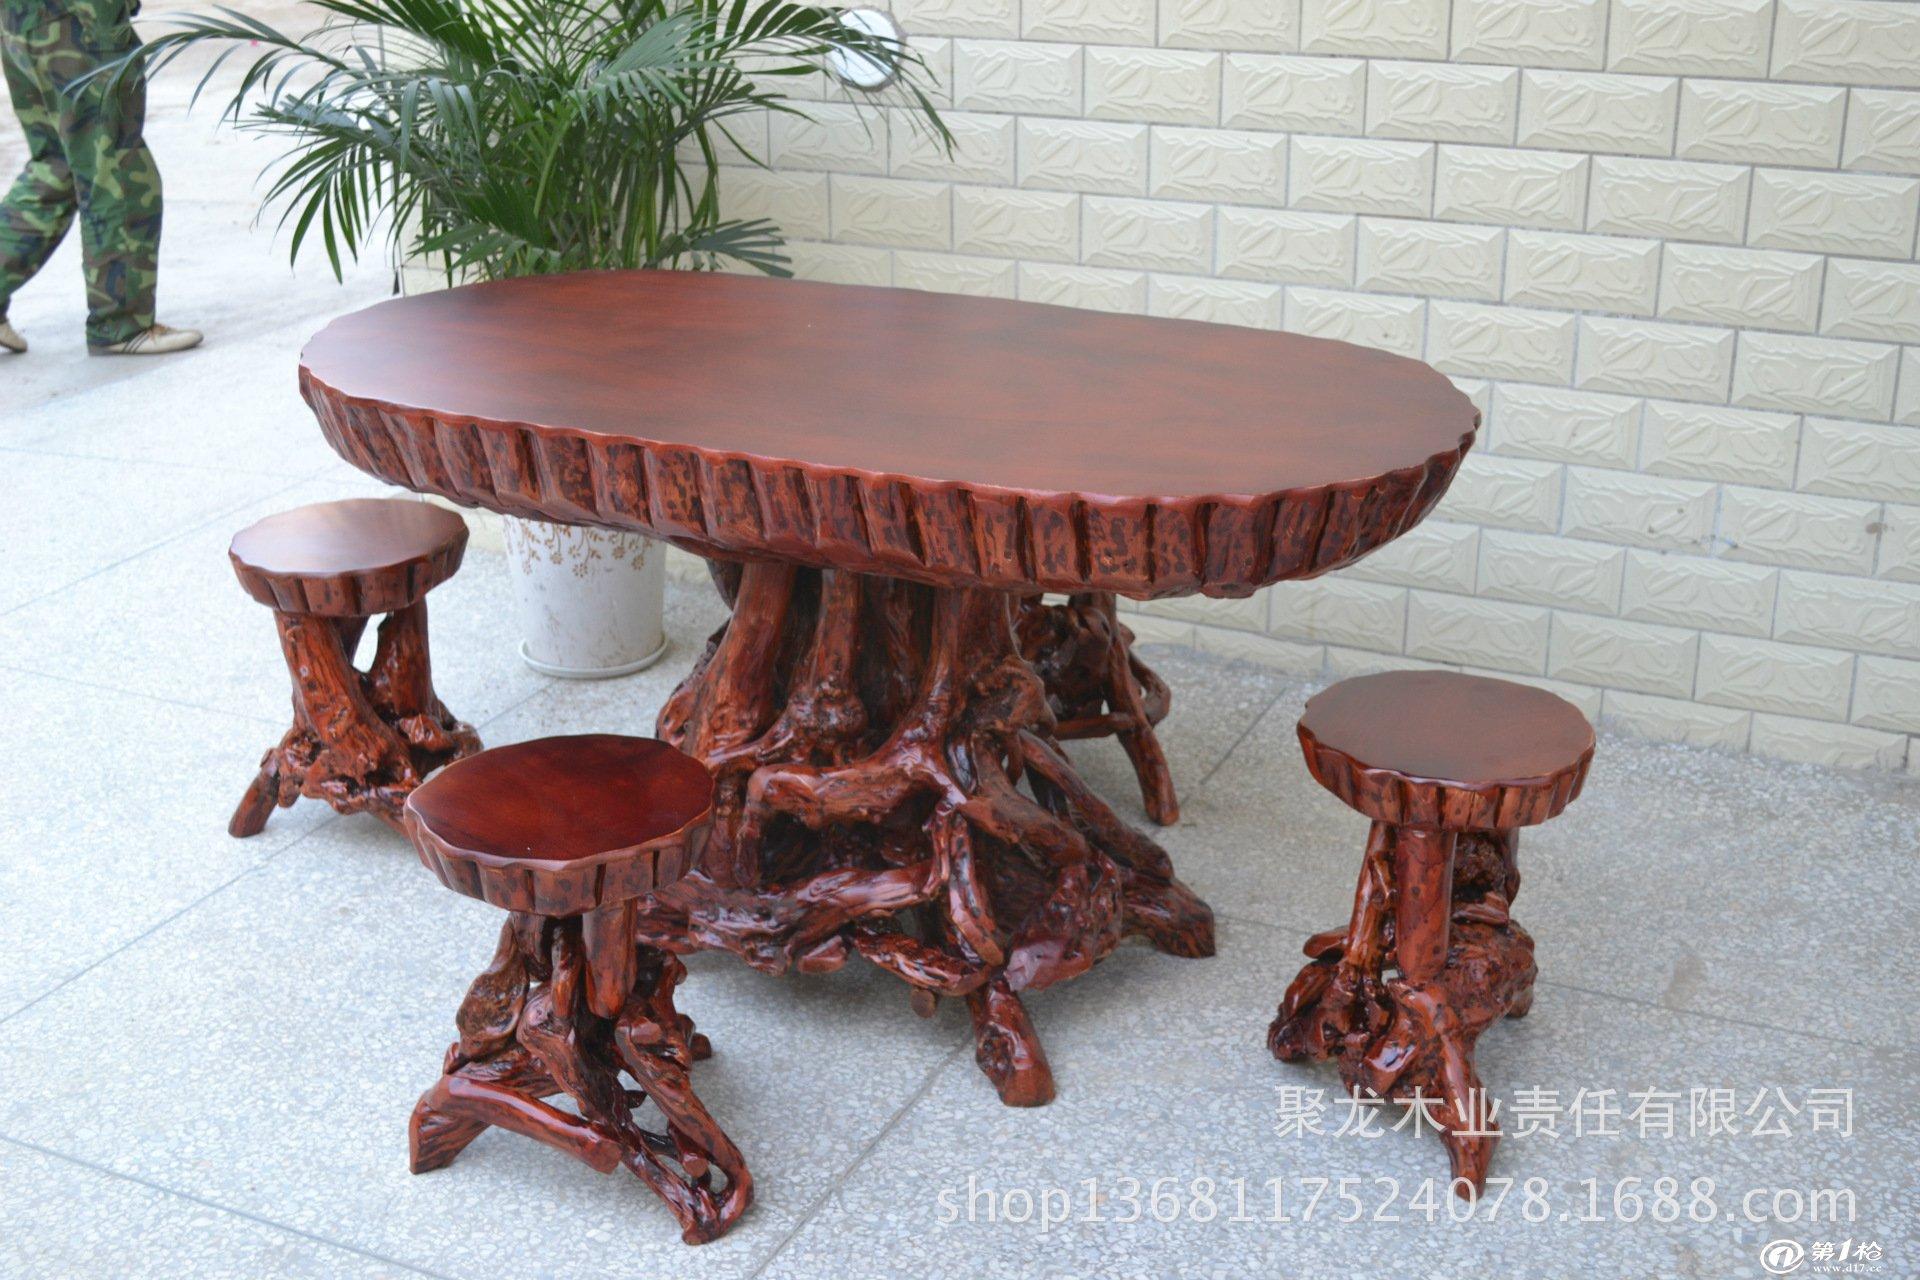 实木根雕茶台/餐桌/田园茶几/原木平桌/杜鹃根长圆桌